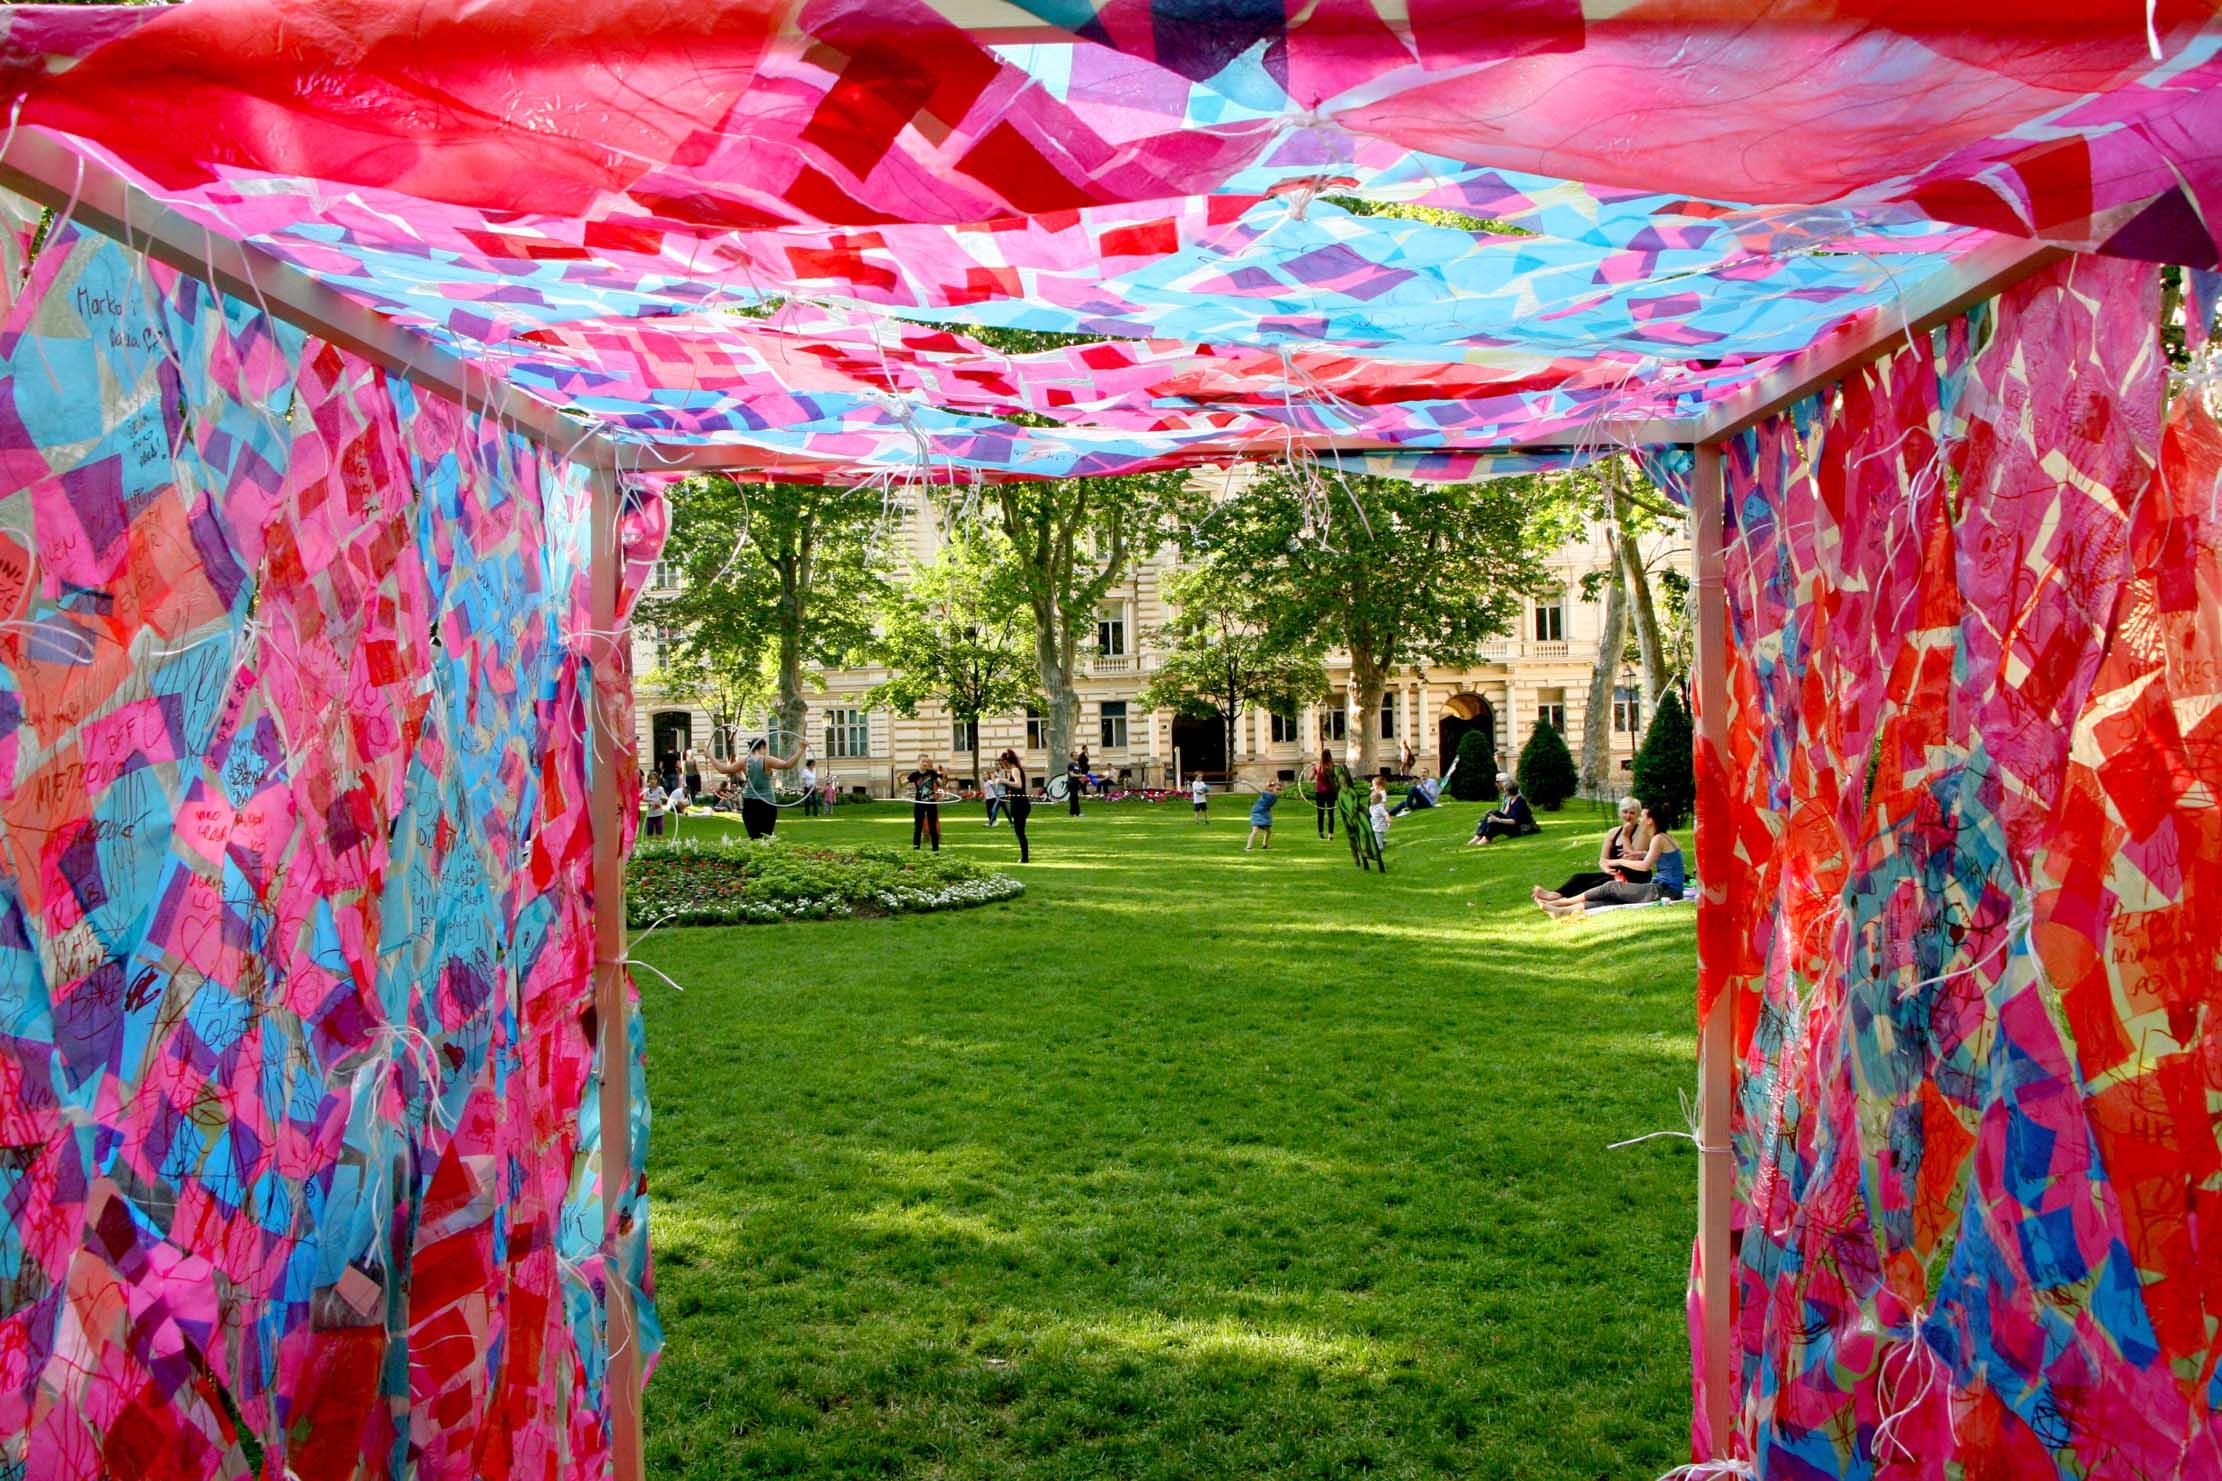 Natječaj za likovno-urbanu instalaciju – 21. Međunarodni ulični festival Cest is d'Best